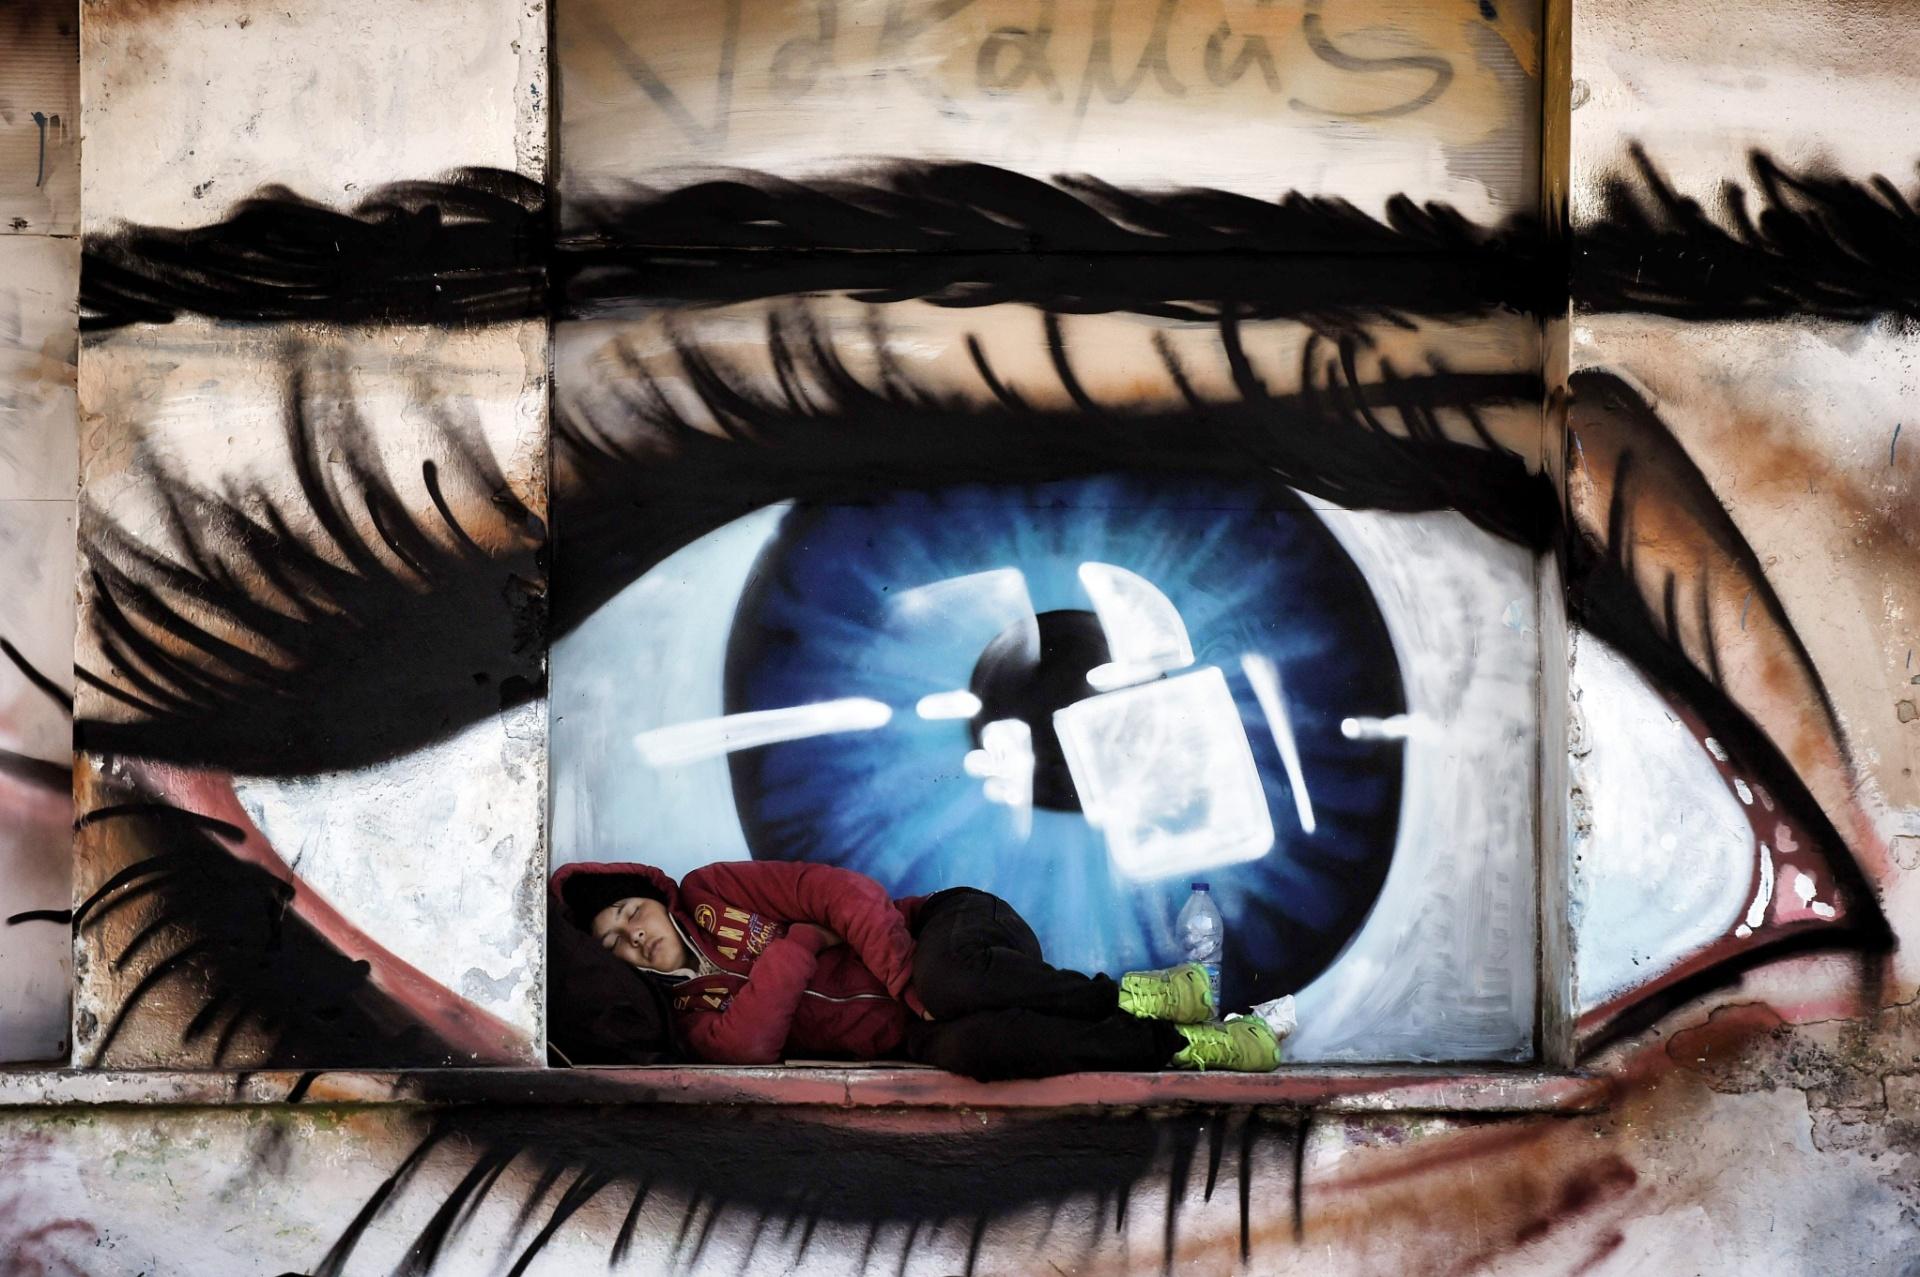 06.out.2015 - Mulher refugiada dorme em janela pintada com o grafiti de um olho, no porto de Mytilene, na ilha de Lesbos, Grécia